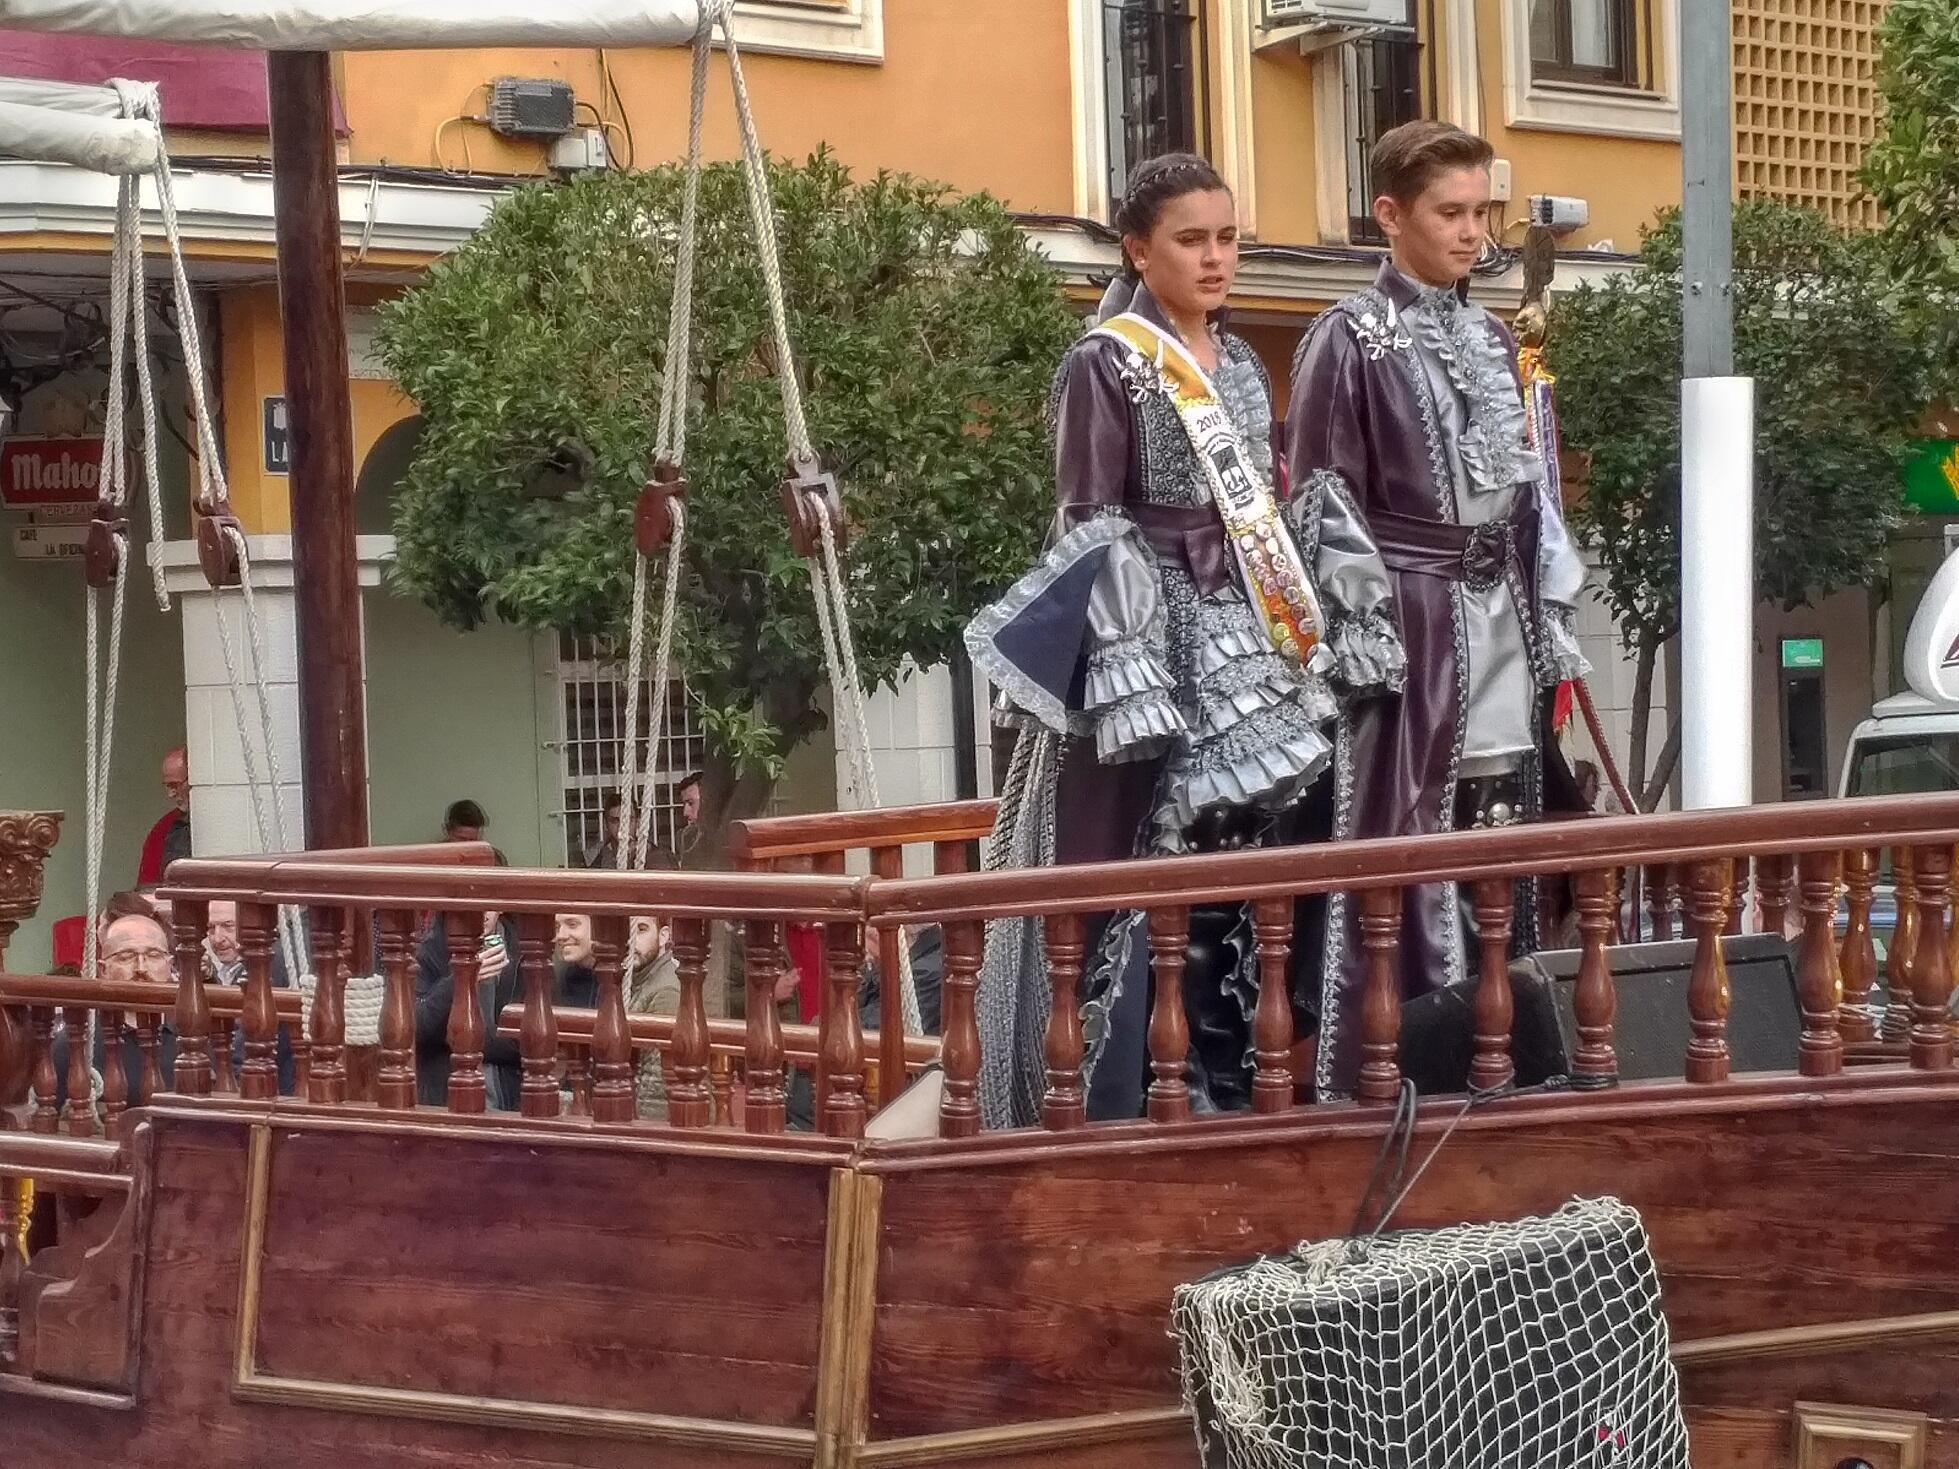 Carrozas y hasta caballos desfilan por las calles de Almansa durante la fiesta de Moros y Cristianos.